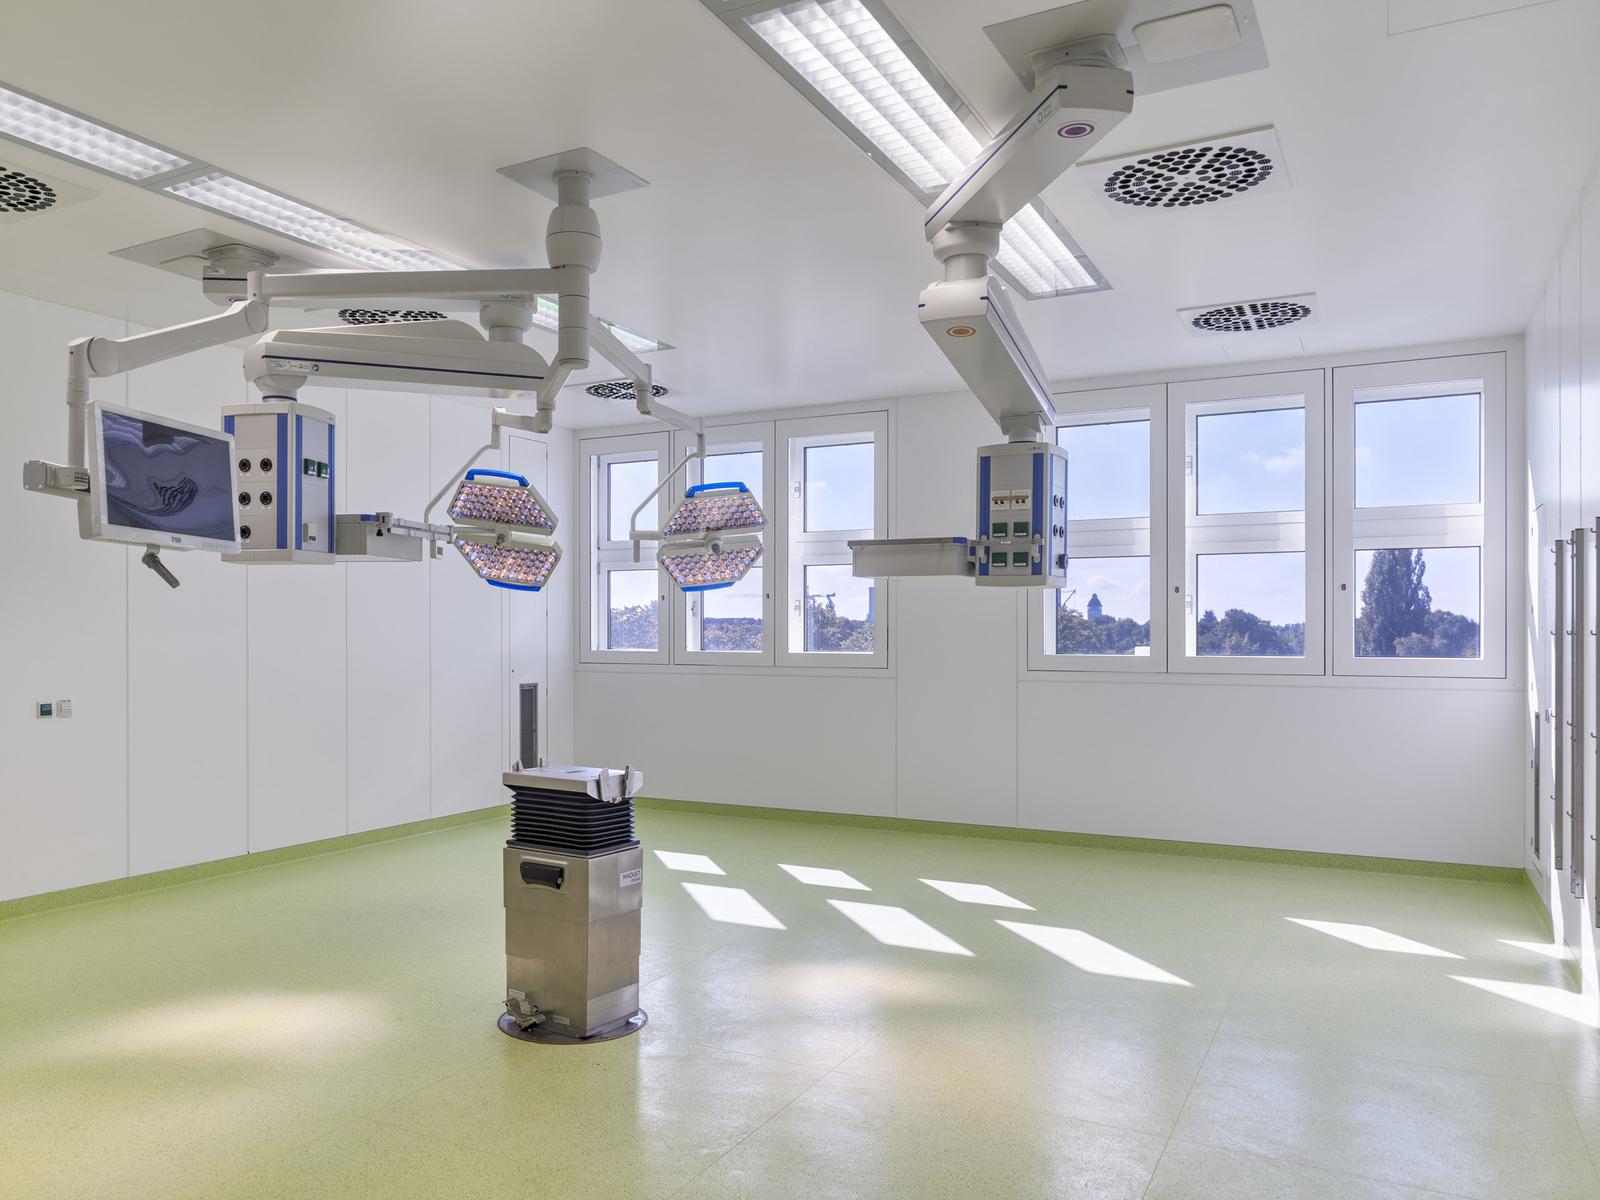 Einer der modernisierten, großzügig gestalteten OP-Säle im Martin-Luther-Krankenhaus (2. Bauabschnitt). Foto: Stefan Müller